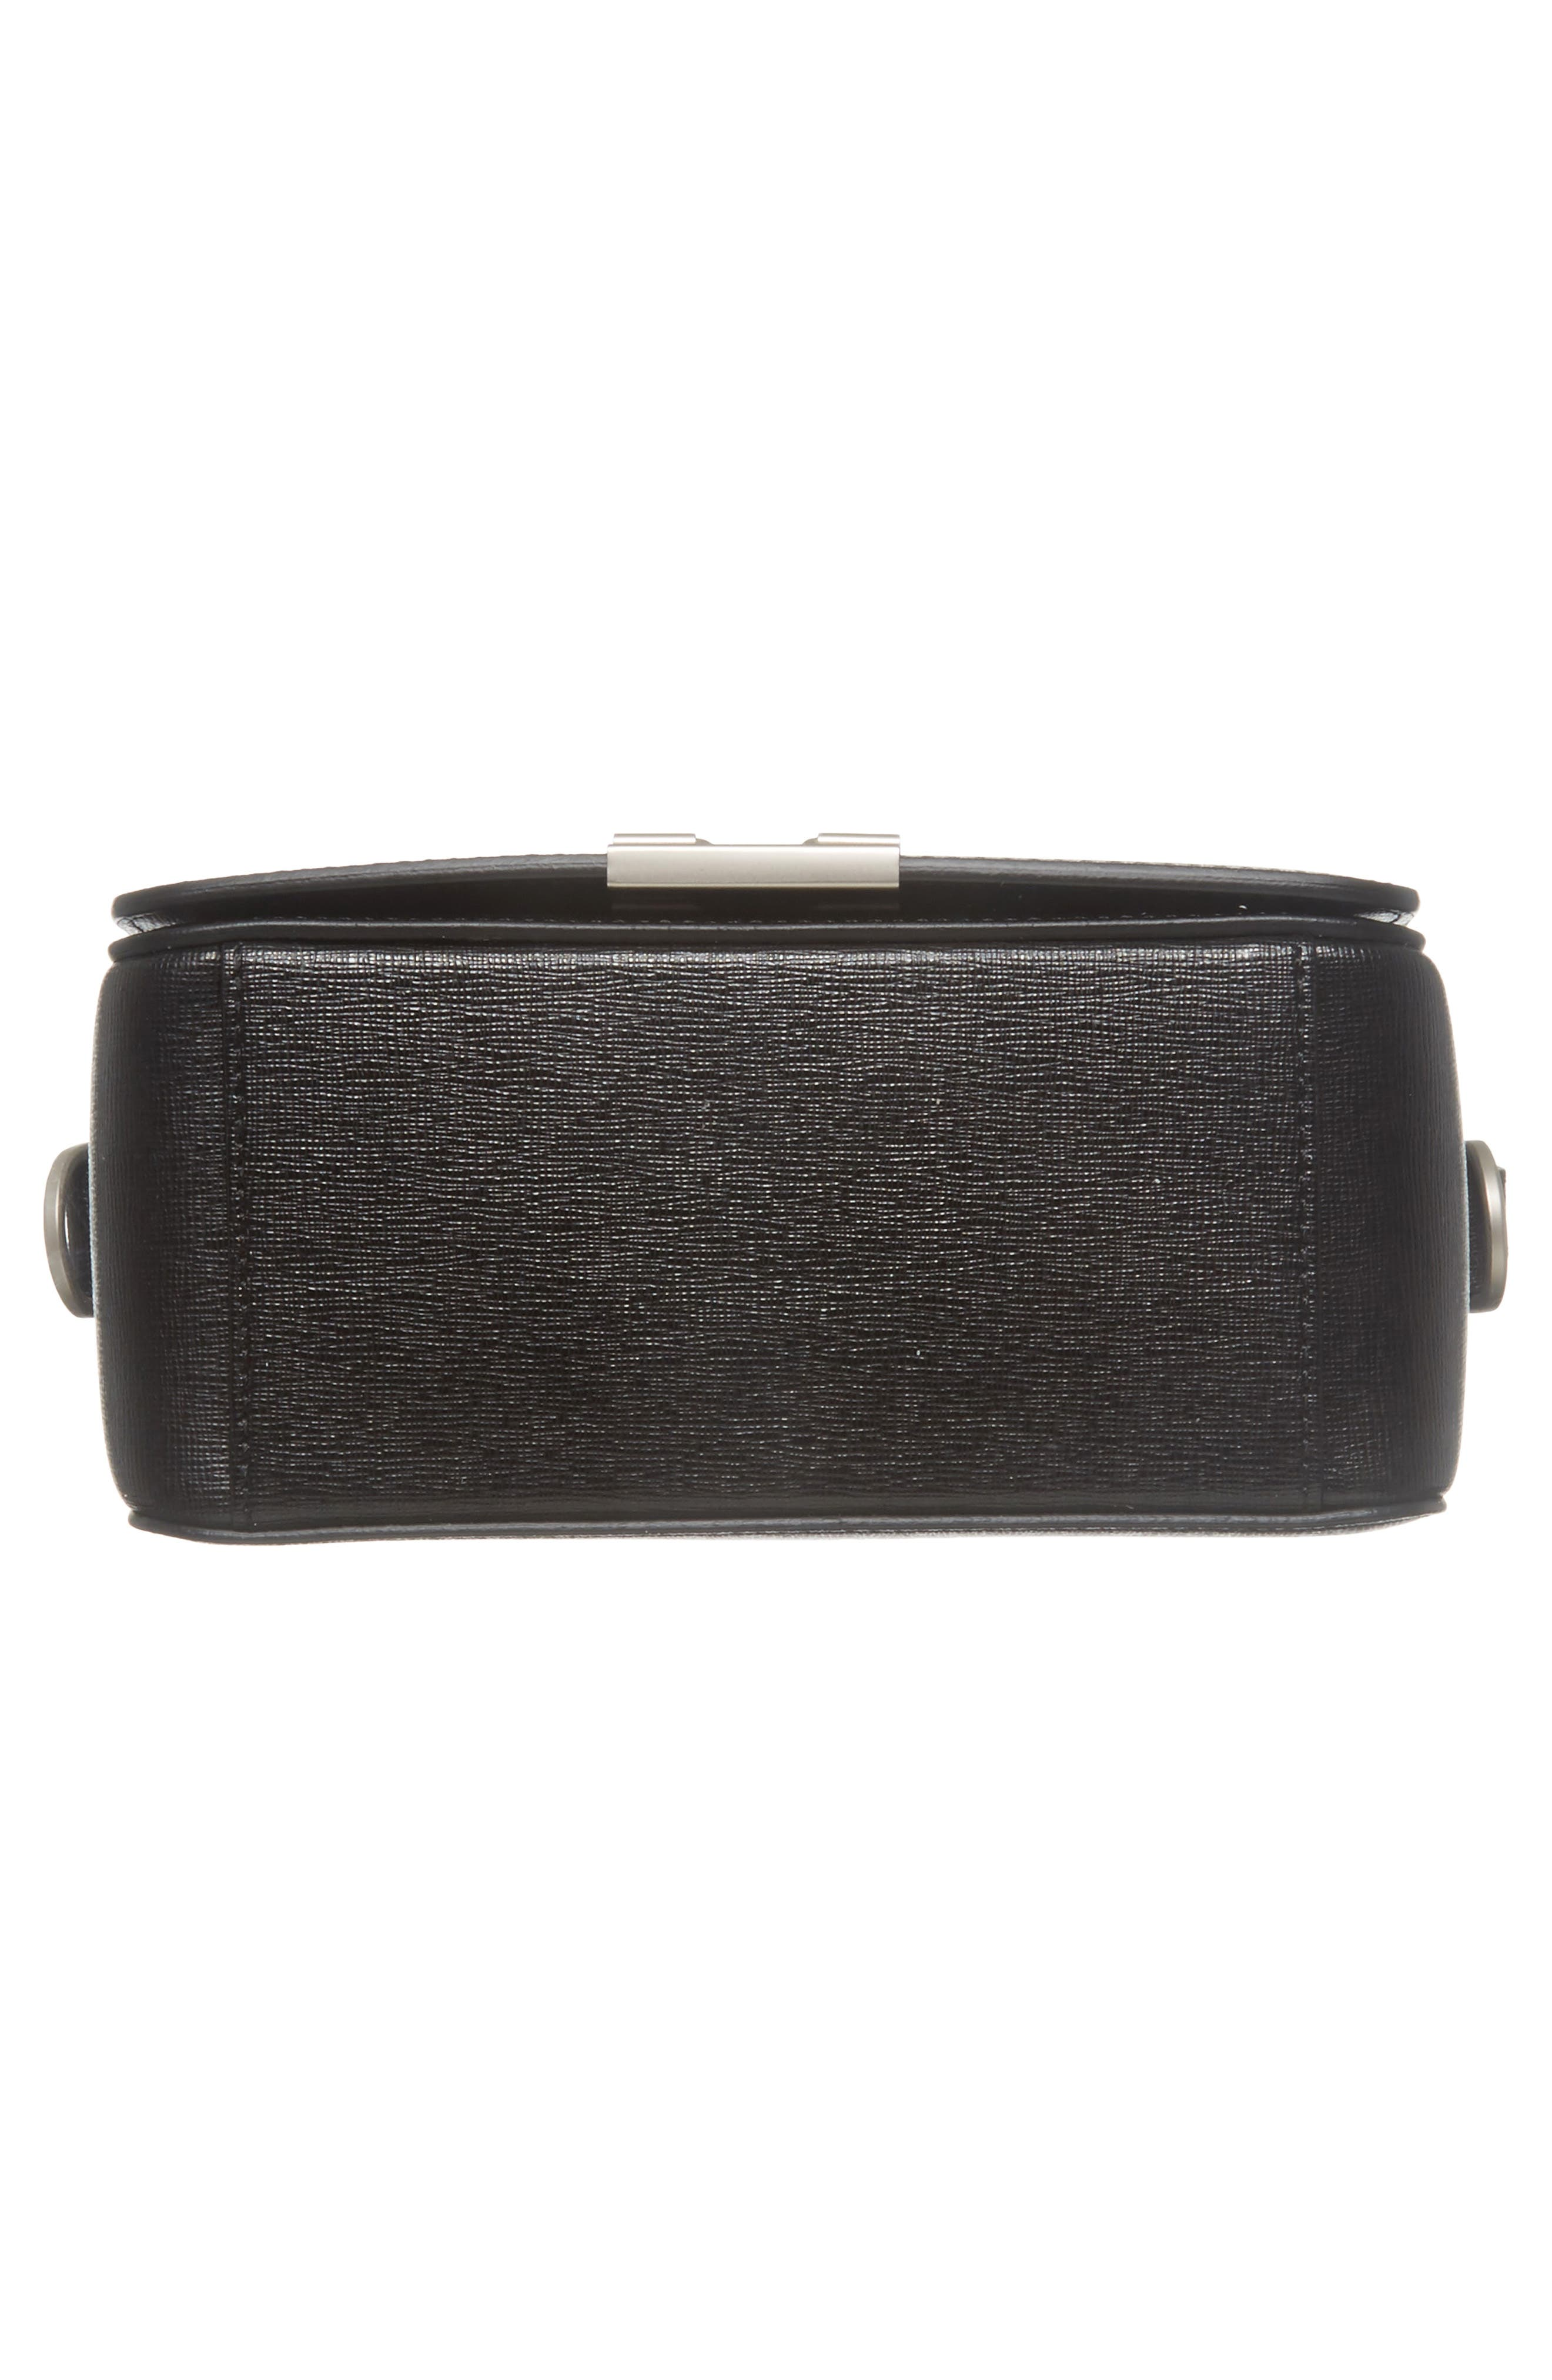 Virgil Was Here Binder Clip Leather Shoulder Bag,                             Alternate thumbnail 7, color,                             Black White